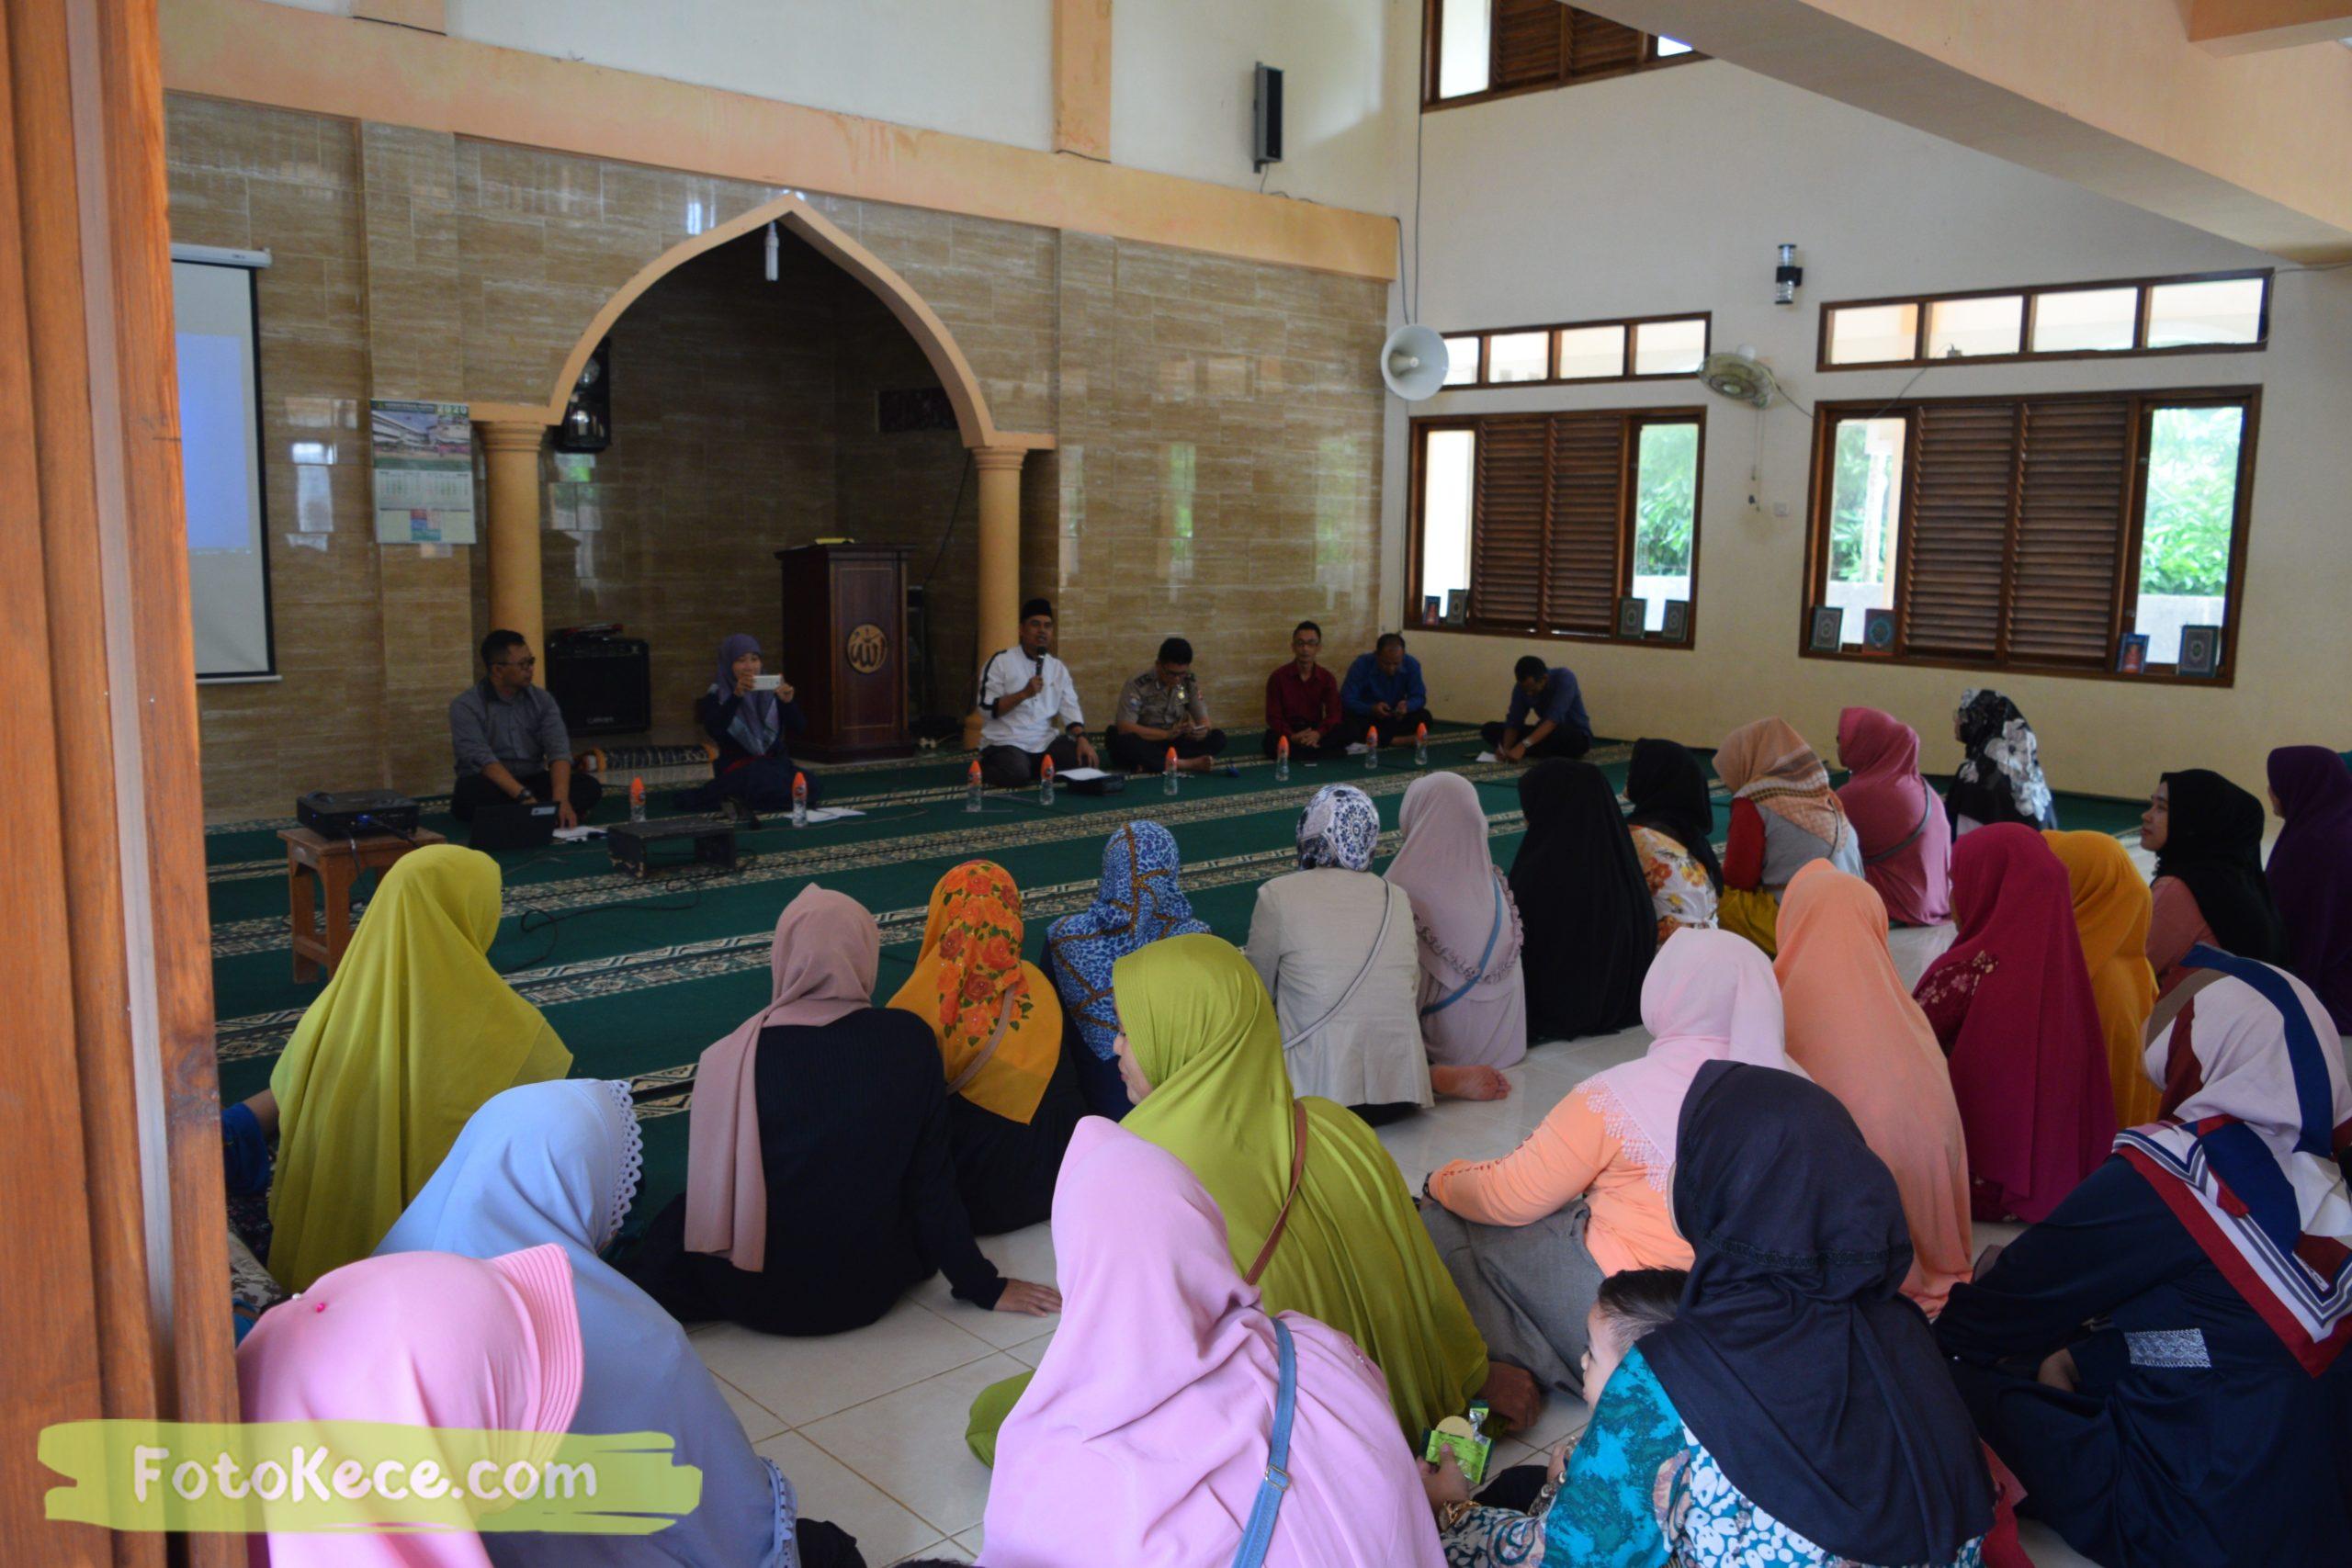 rapat komite ortu siswa kelas 9 masjid mtsn 2 sukabumi 05022020 foto kece poto kece 42 scaled